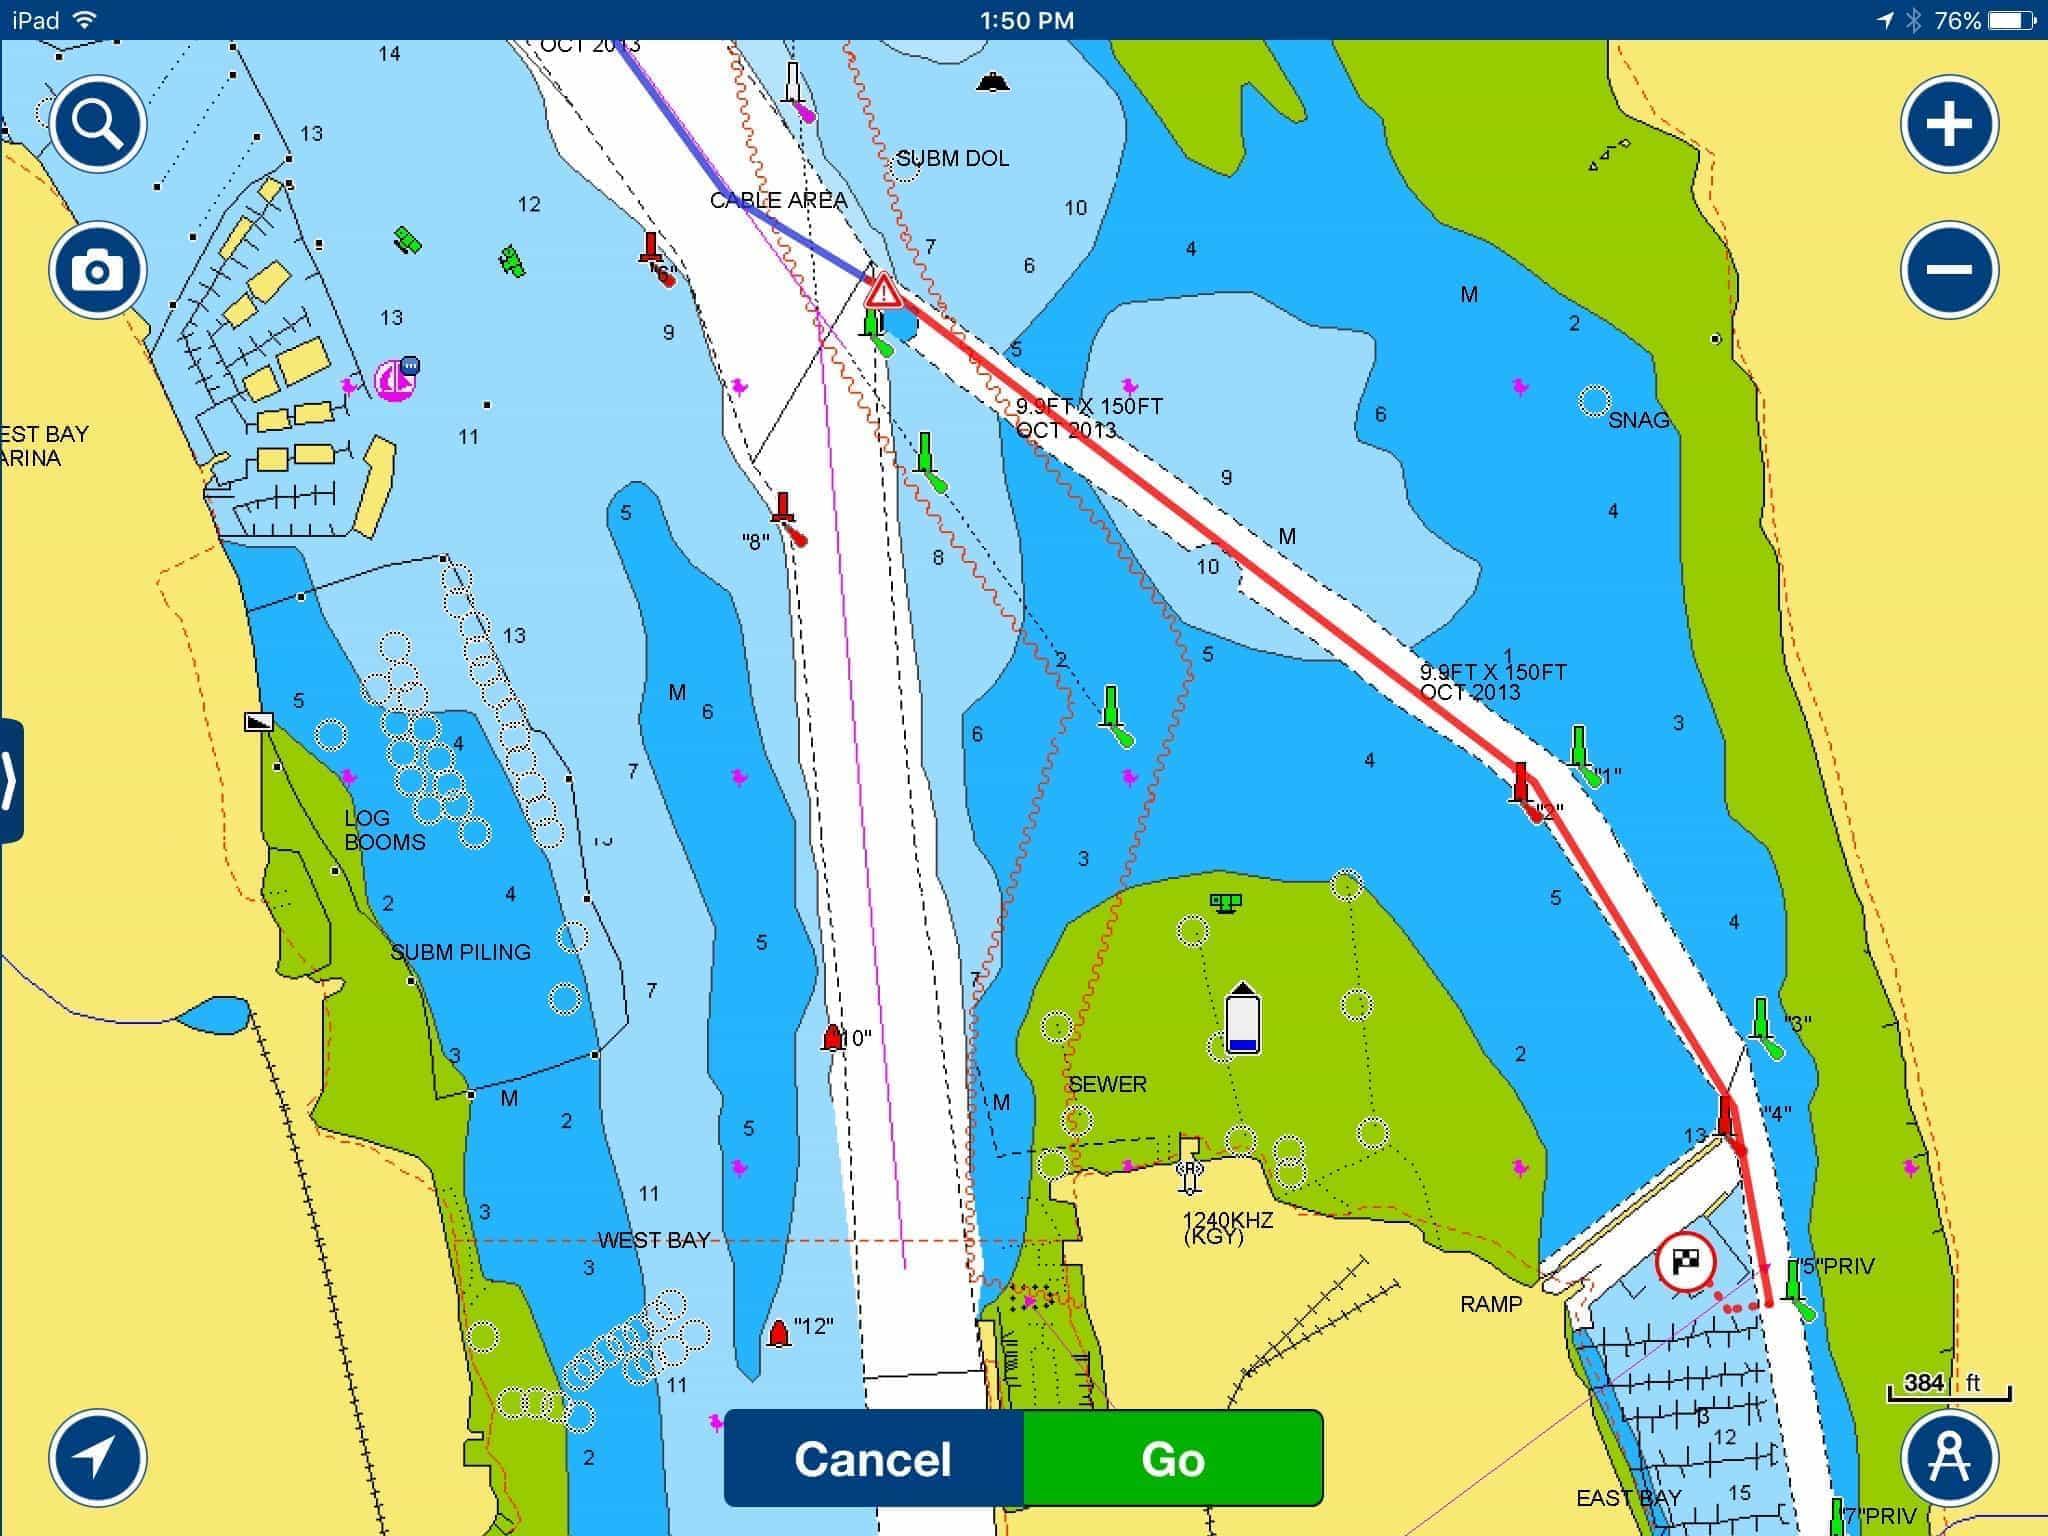 East bay channel marker